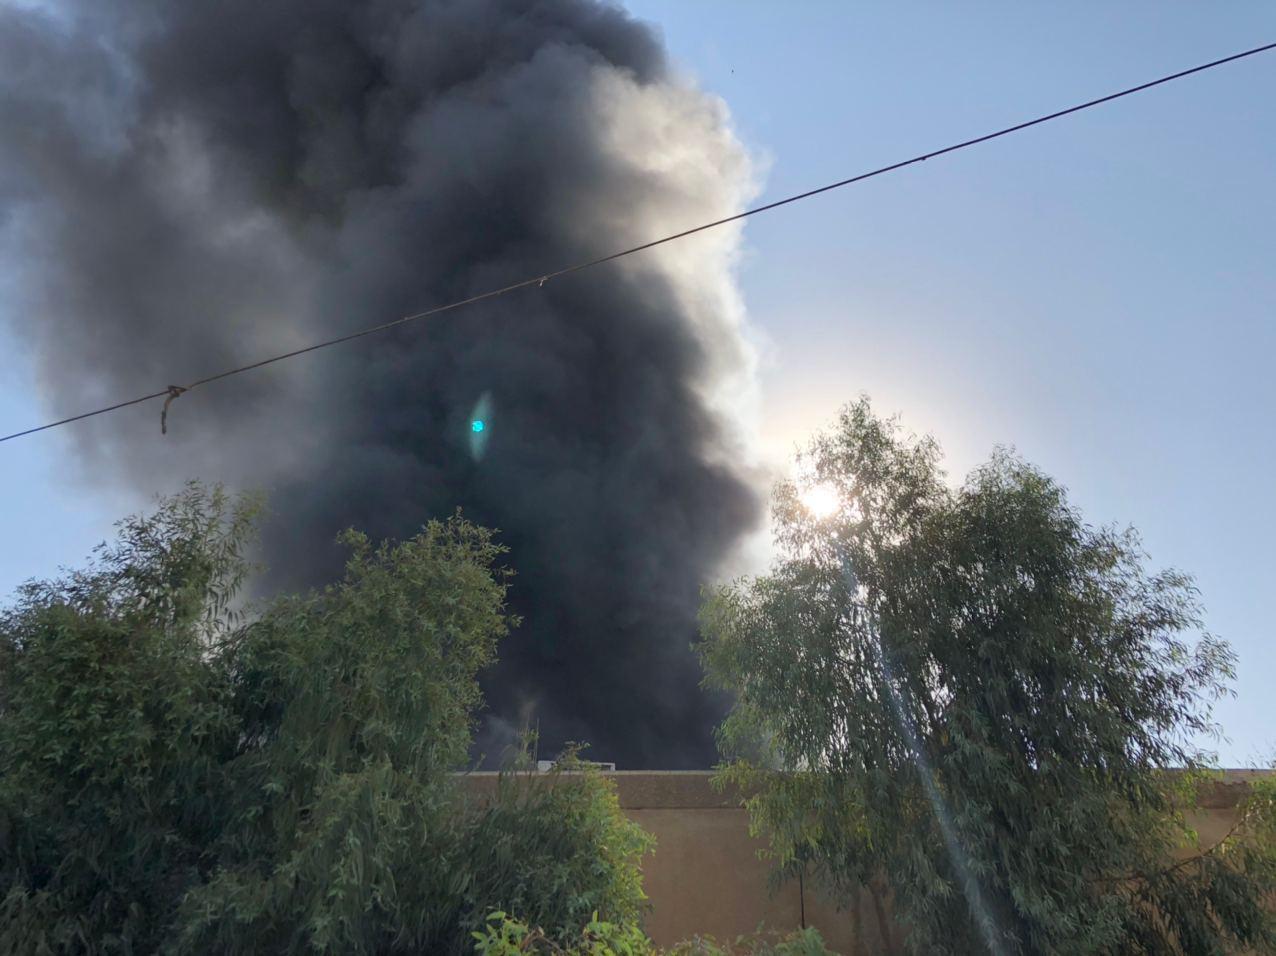 بالصور .. حرق مقر الحزب الديمقراطي الكردستاني في الكرادة ببغداد